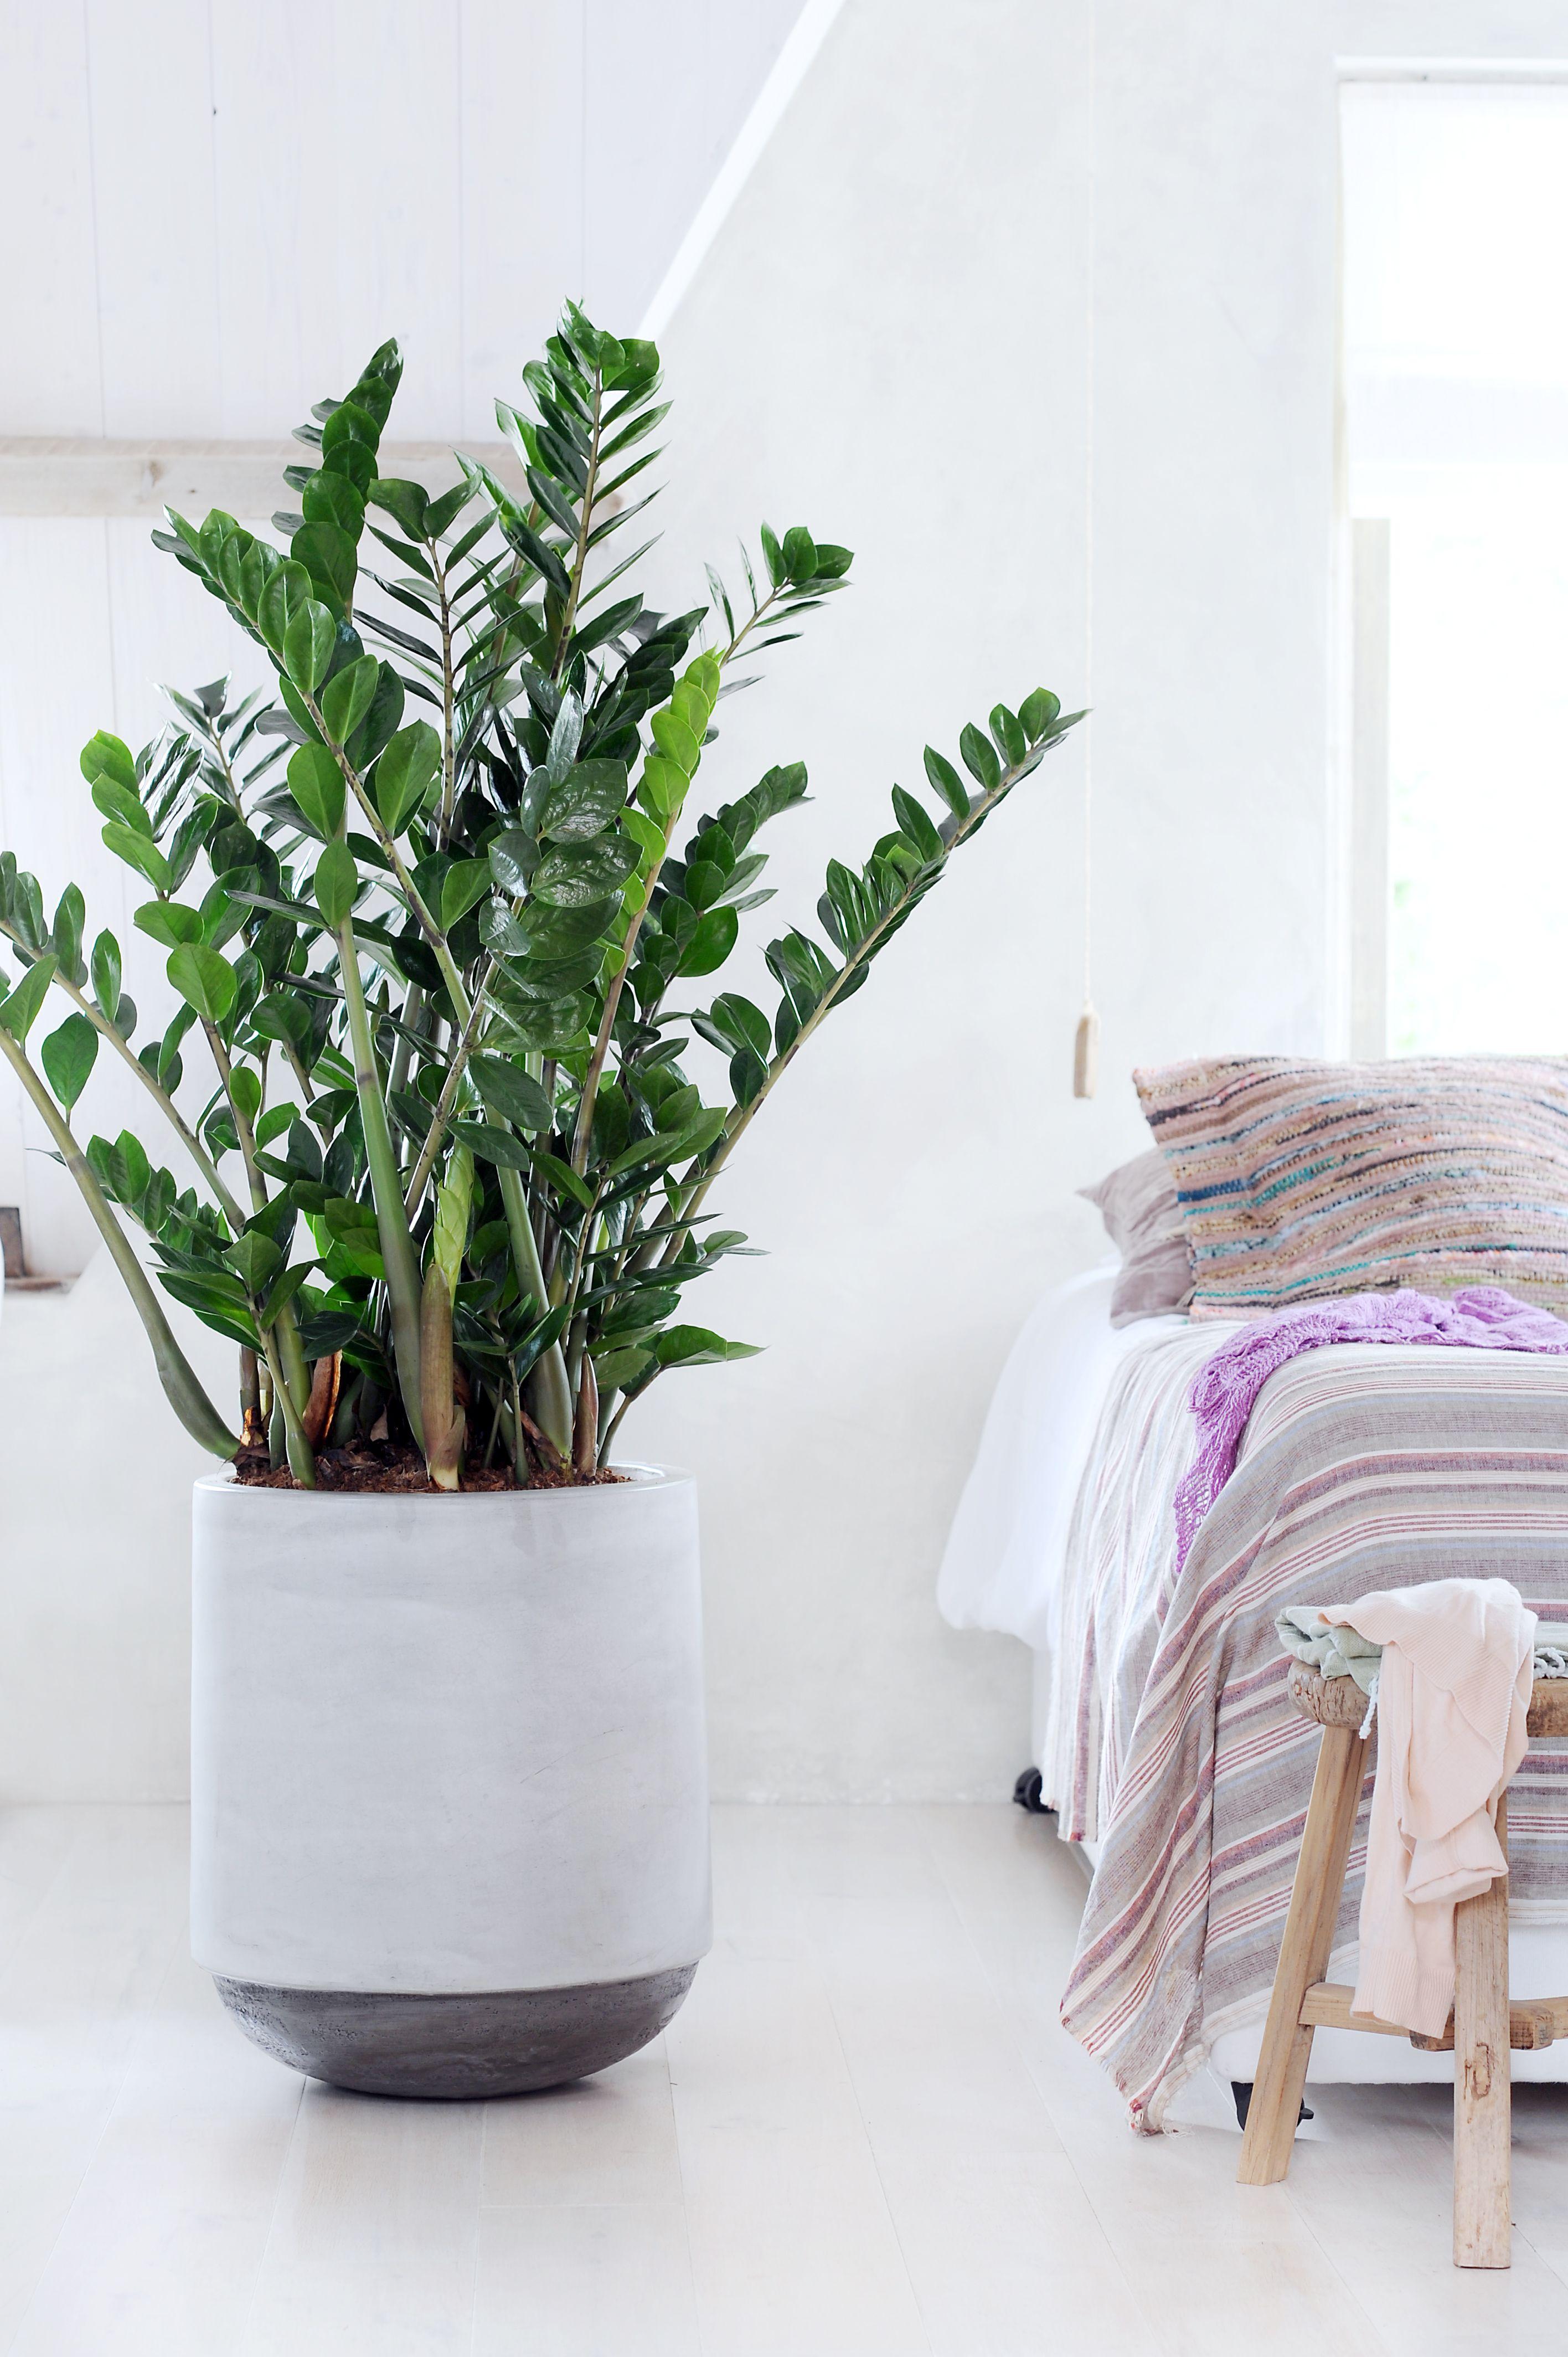 die richtige zimmerpflanze für das schlafzimmer | reinigen, luft, Schlafzimmer entwurf